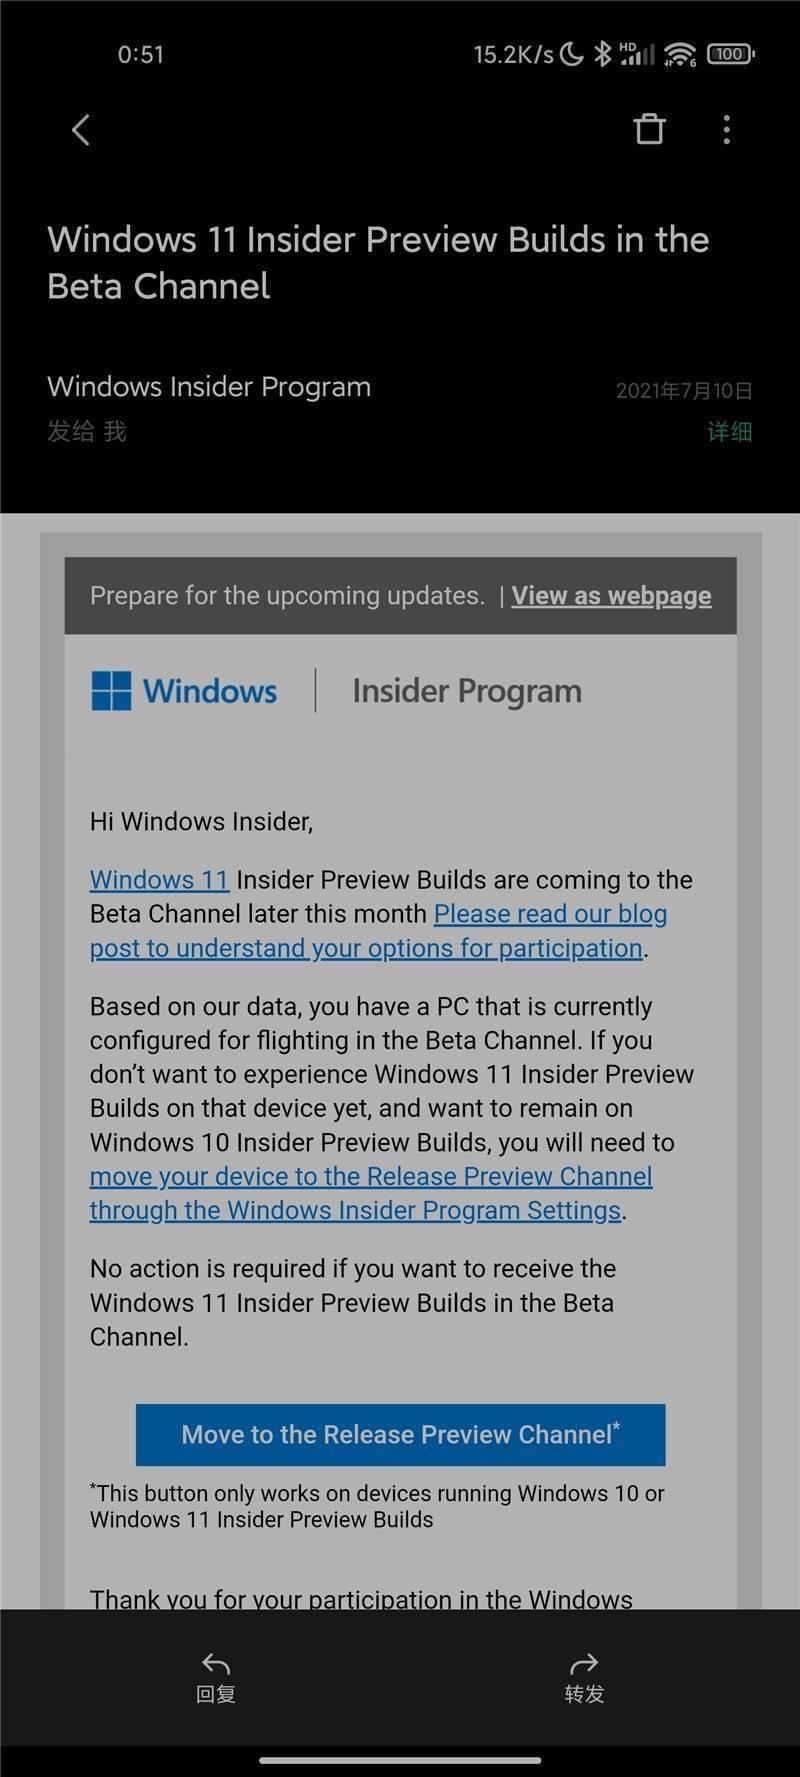 微软称Win11预览版Beta将在7月底发布:操作和通知中心改进且增加更多圆角UI